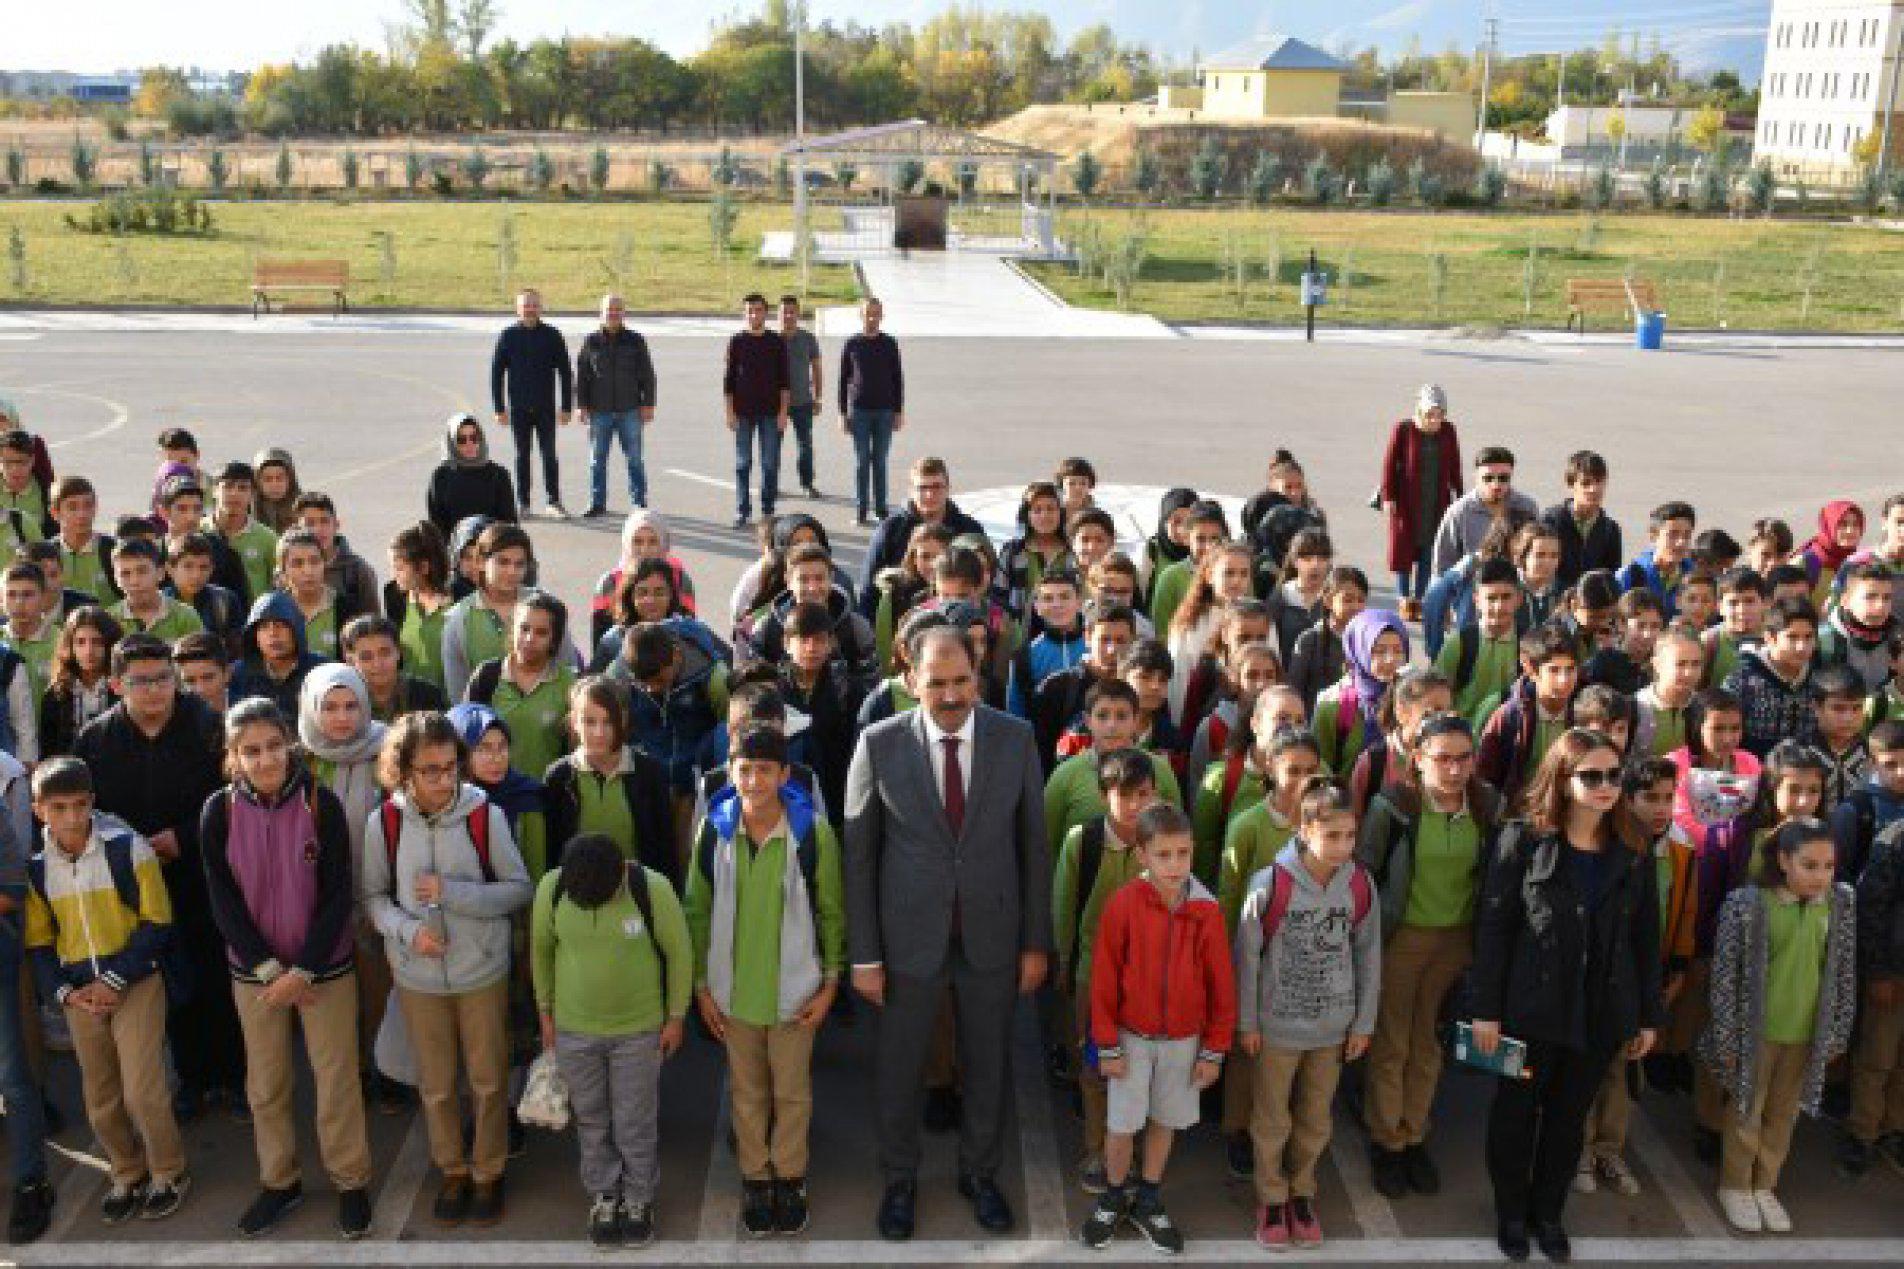 İl Millî Eğitim Müdürü Aziz GÜN Kavakyolu ORG. Selahattin Demircioğlu Ortaokulu'nu ziyaret etti